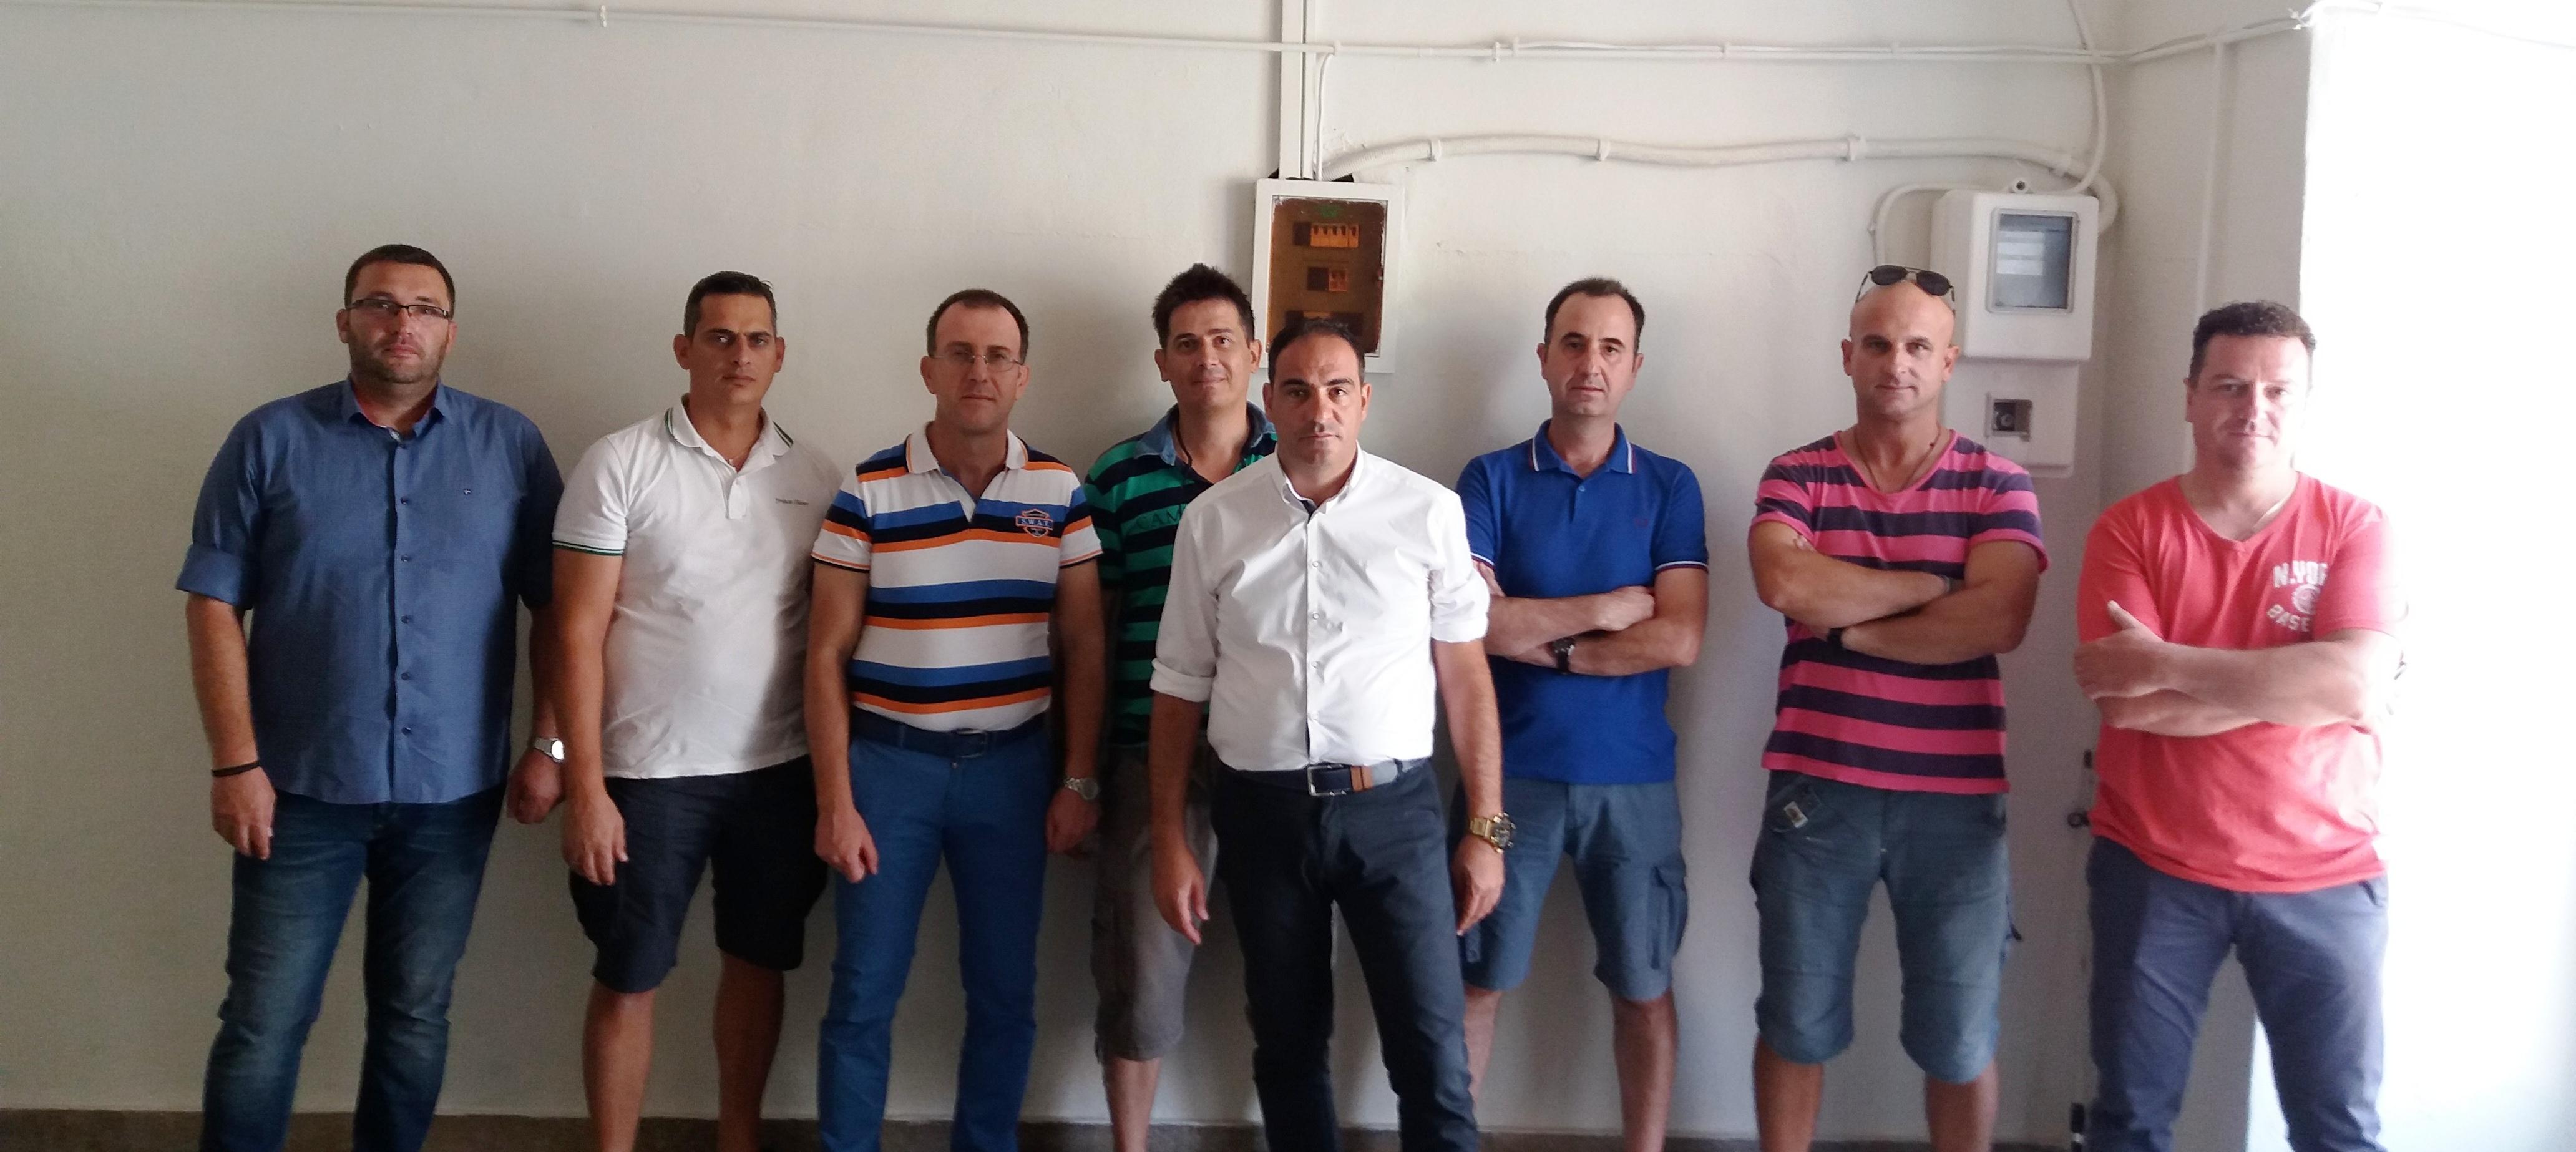 Επίσκεψη μελών ΔΣ της ΕΠΛΣ ΝΔΕ σε Λ/Τ Πλατυγιαλίου και Λ/Φ Αστακού